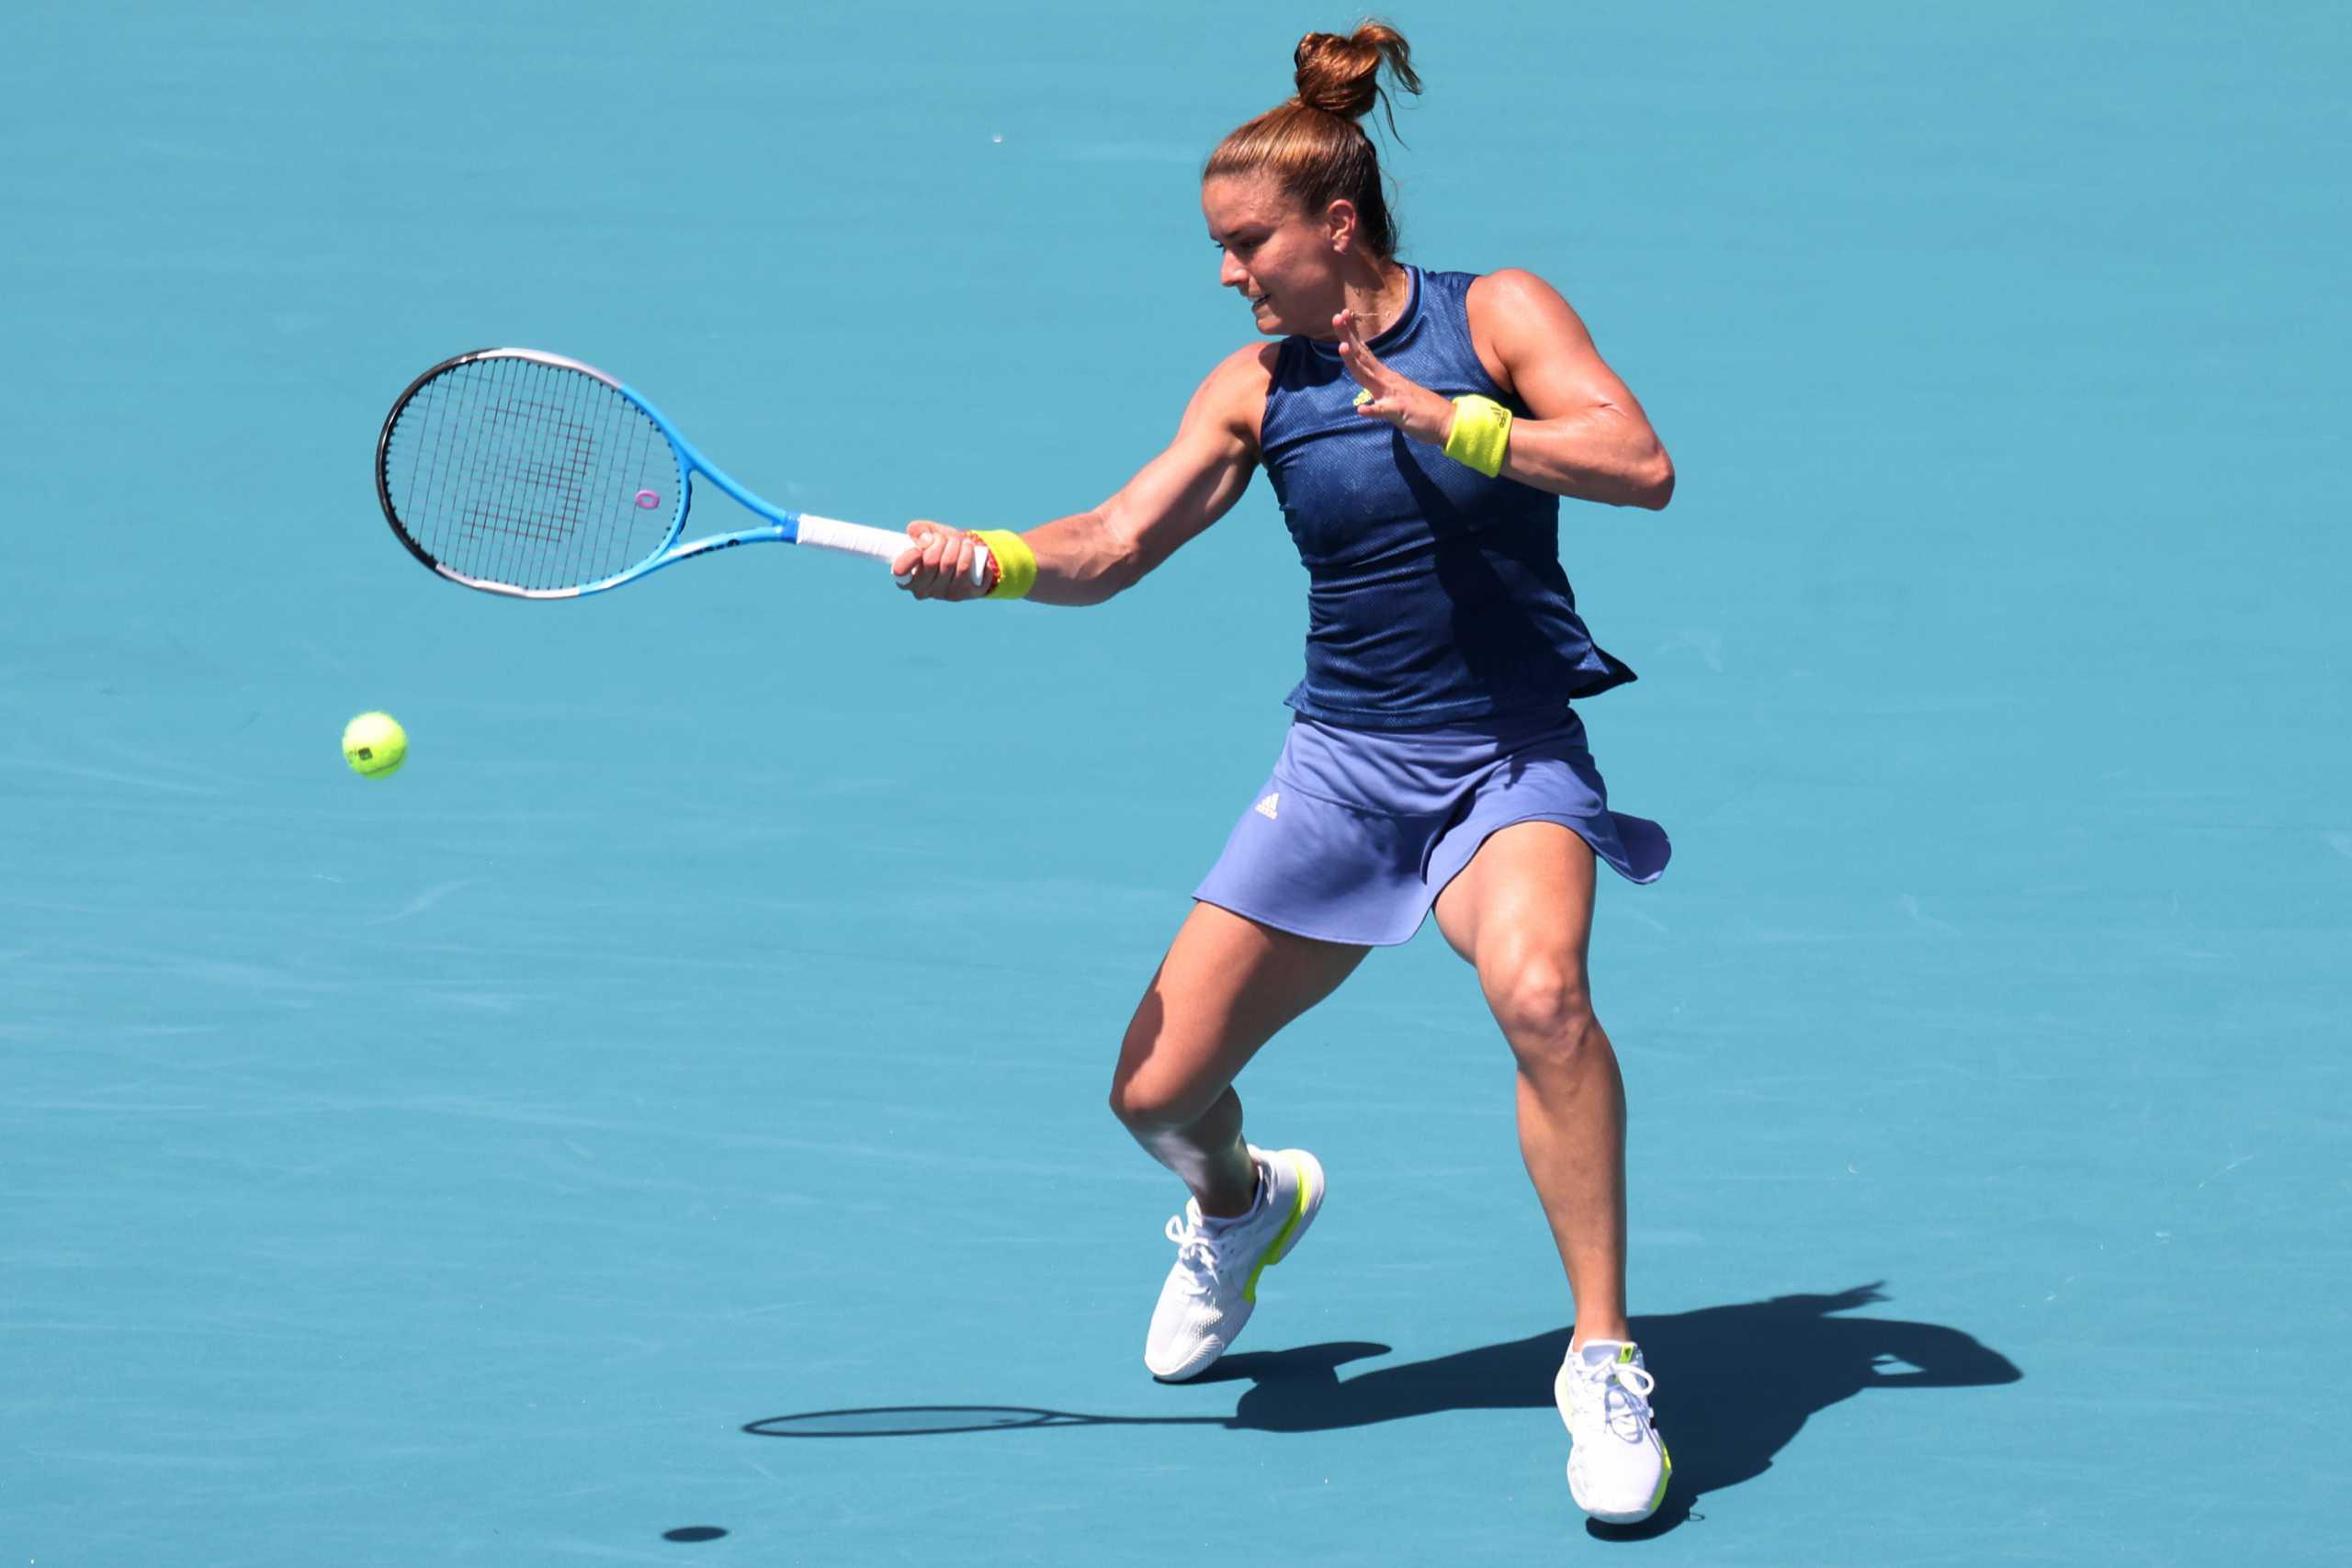 Σάκκαρη: Έπεσε «ηρωϊκά» η Μαρία στο Miami Open (video)